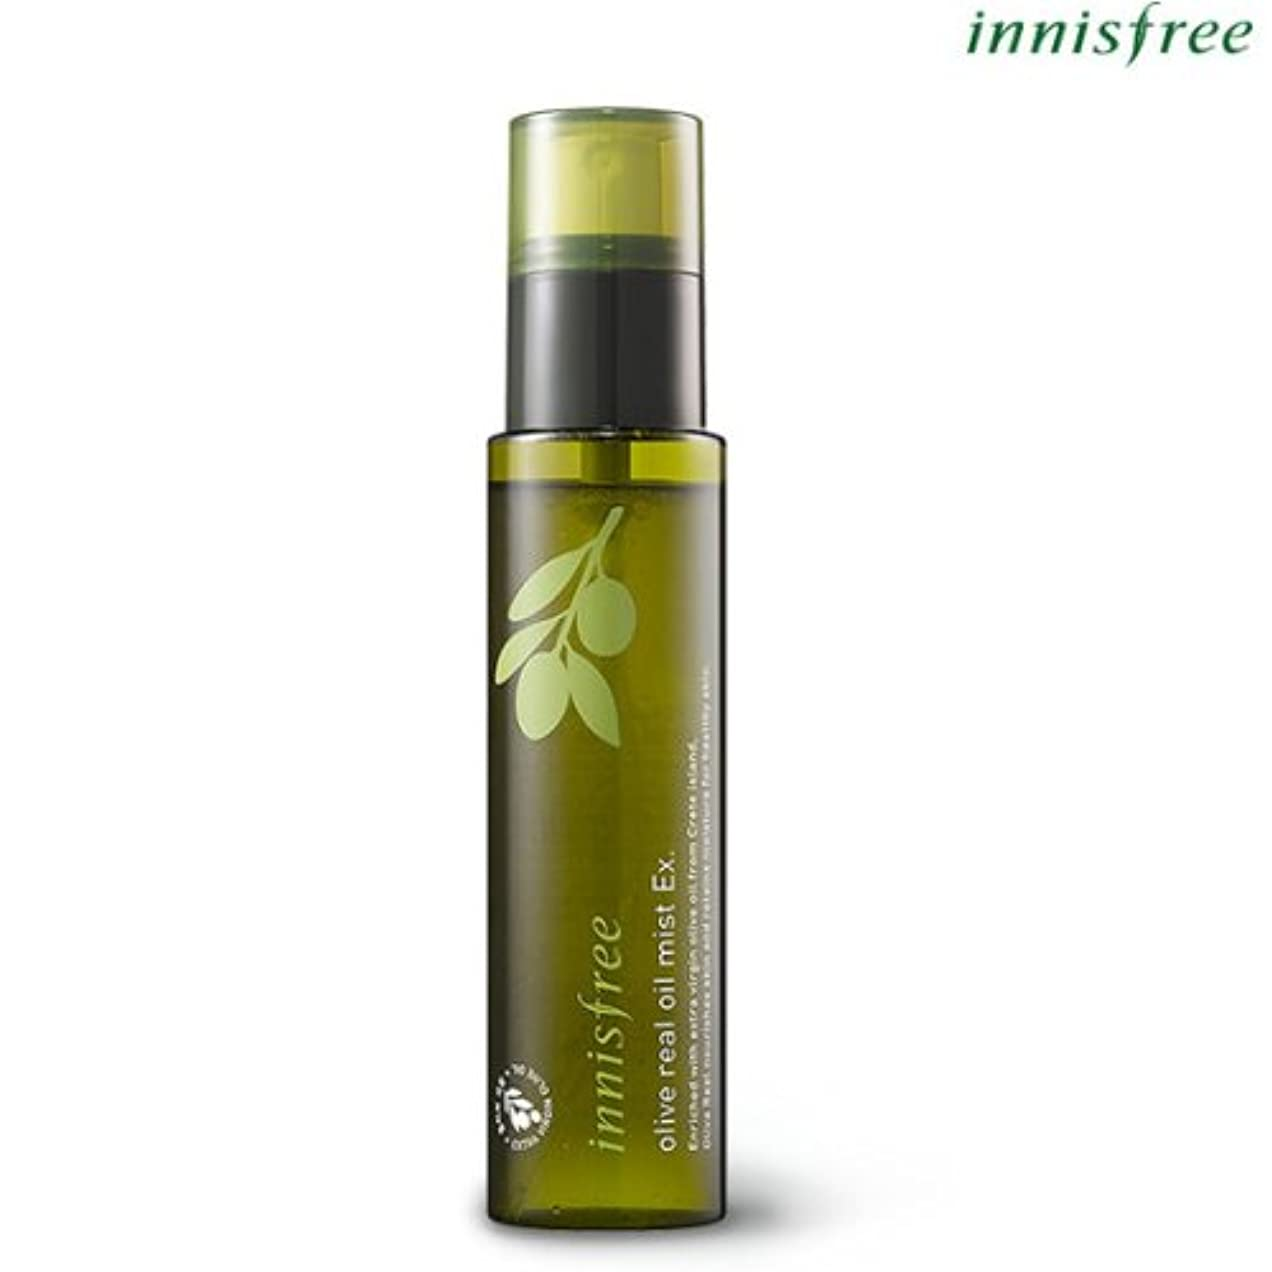 飢を除く小道具[INNISFREE]イニスフリーオリーブリアルオイルミストEx.80mL olive real oil mist Ex. 80mL [並行輸入品]